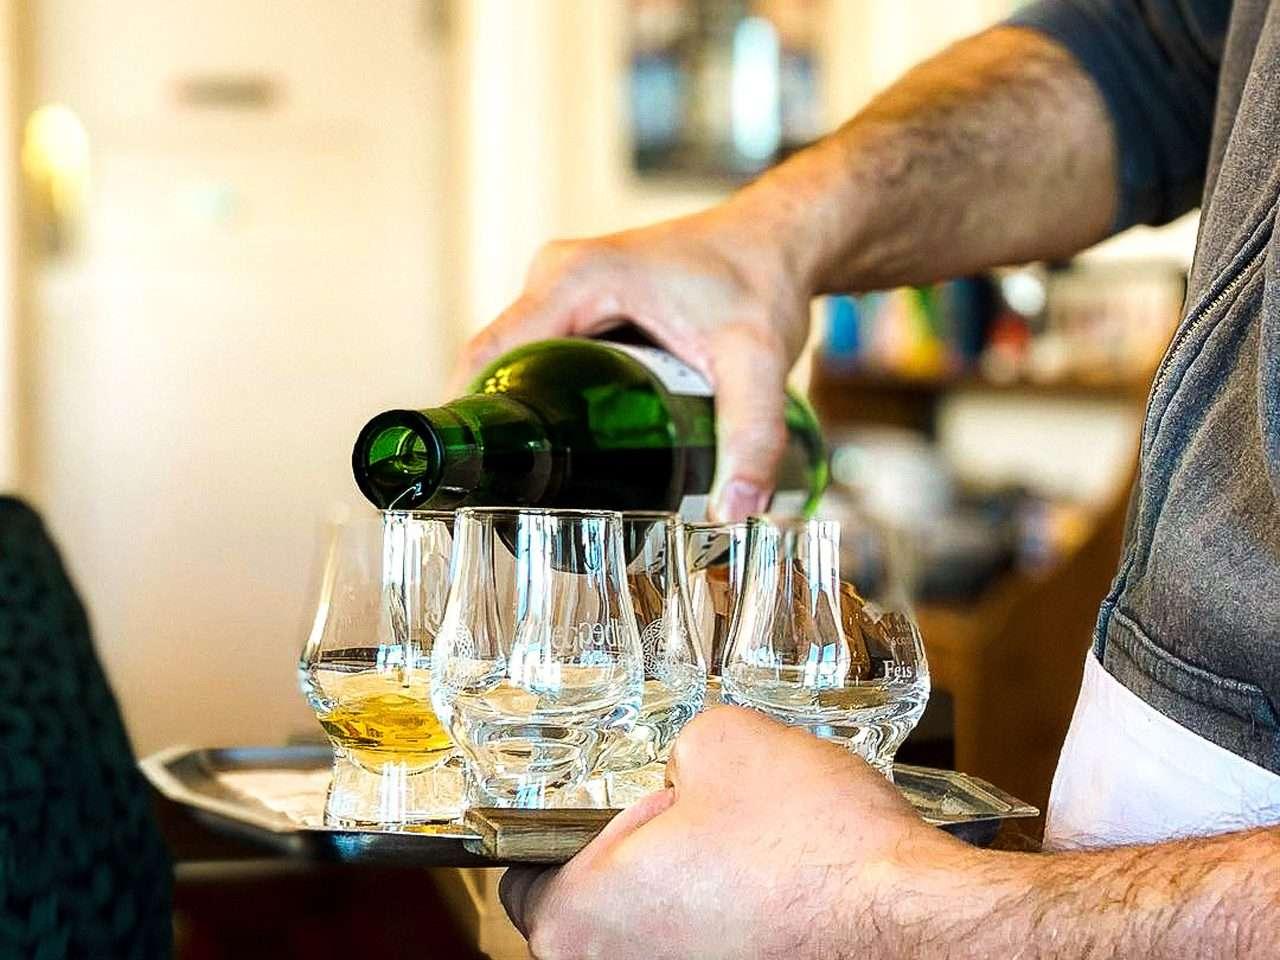 Whisky tasting at Oban Distillery from Woodlands Glencoe, Scottish Highlands